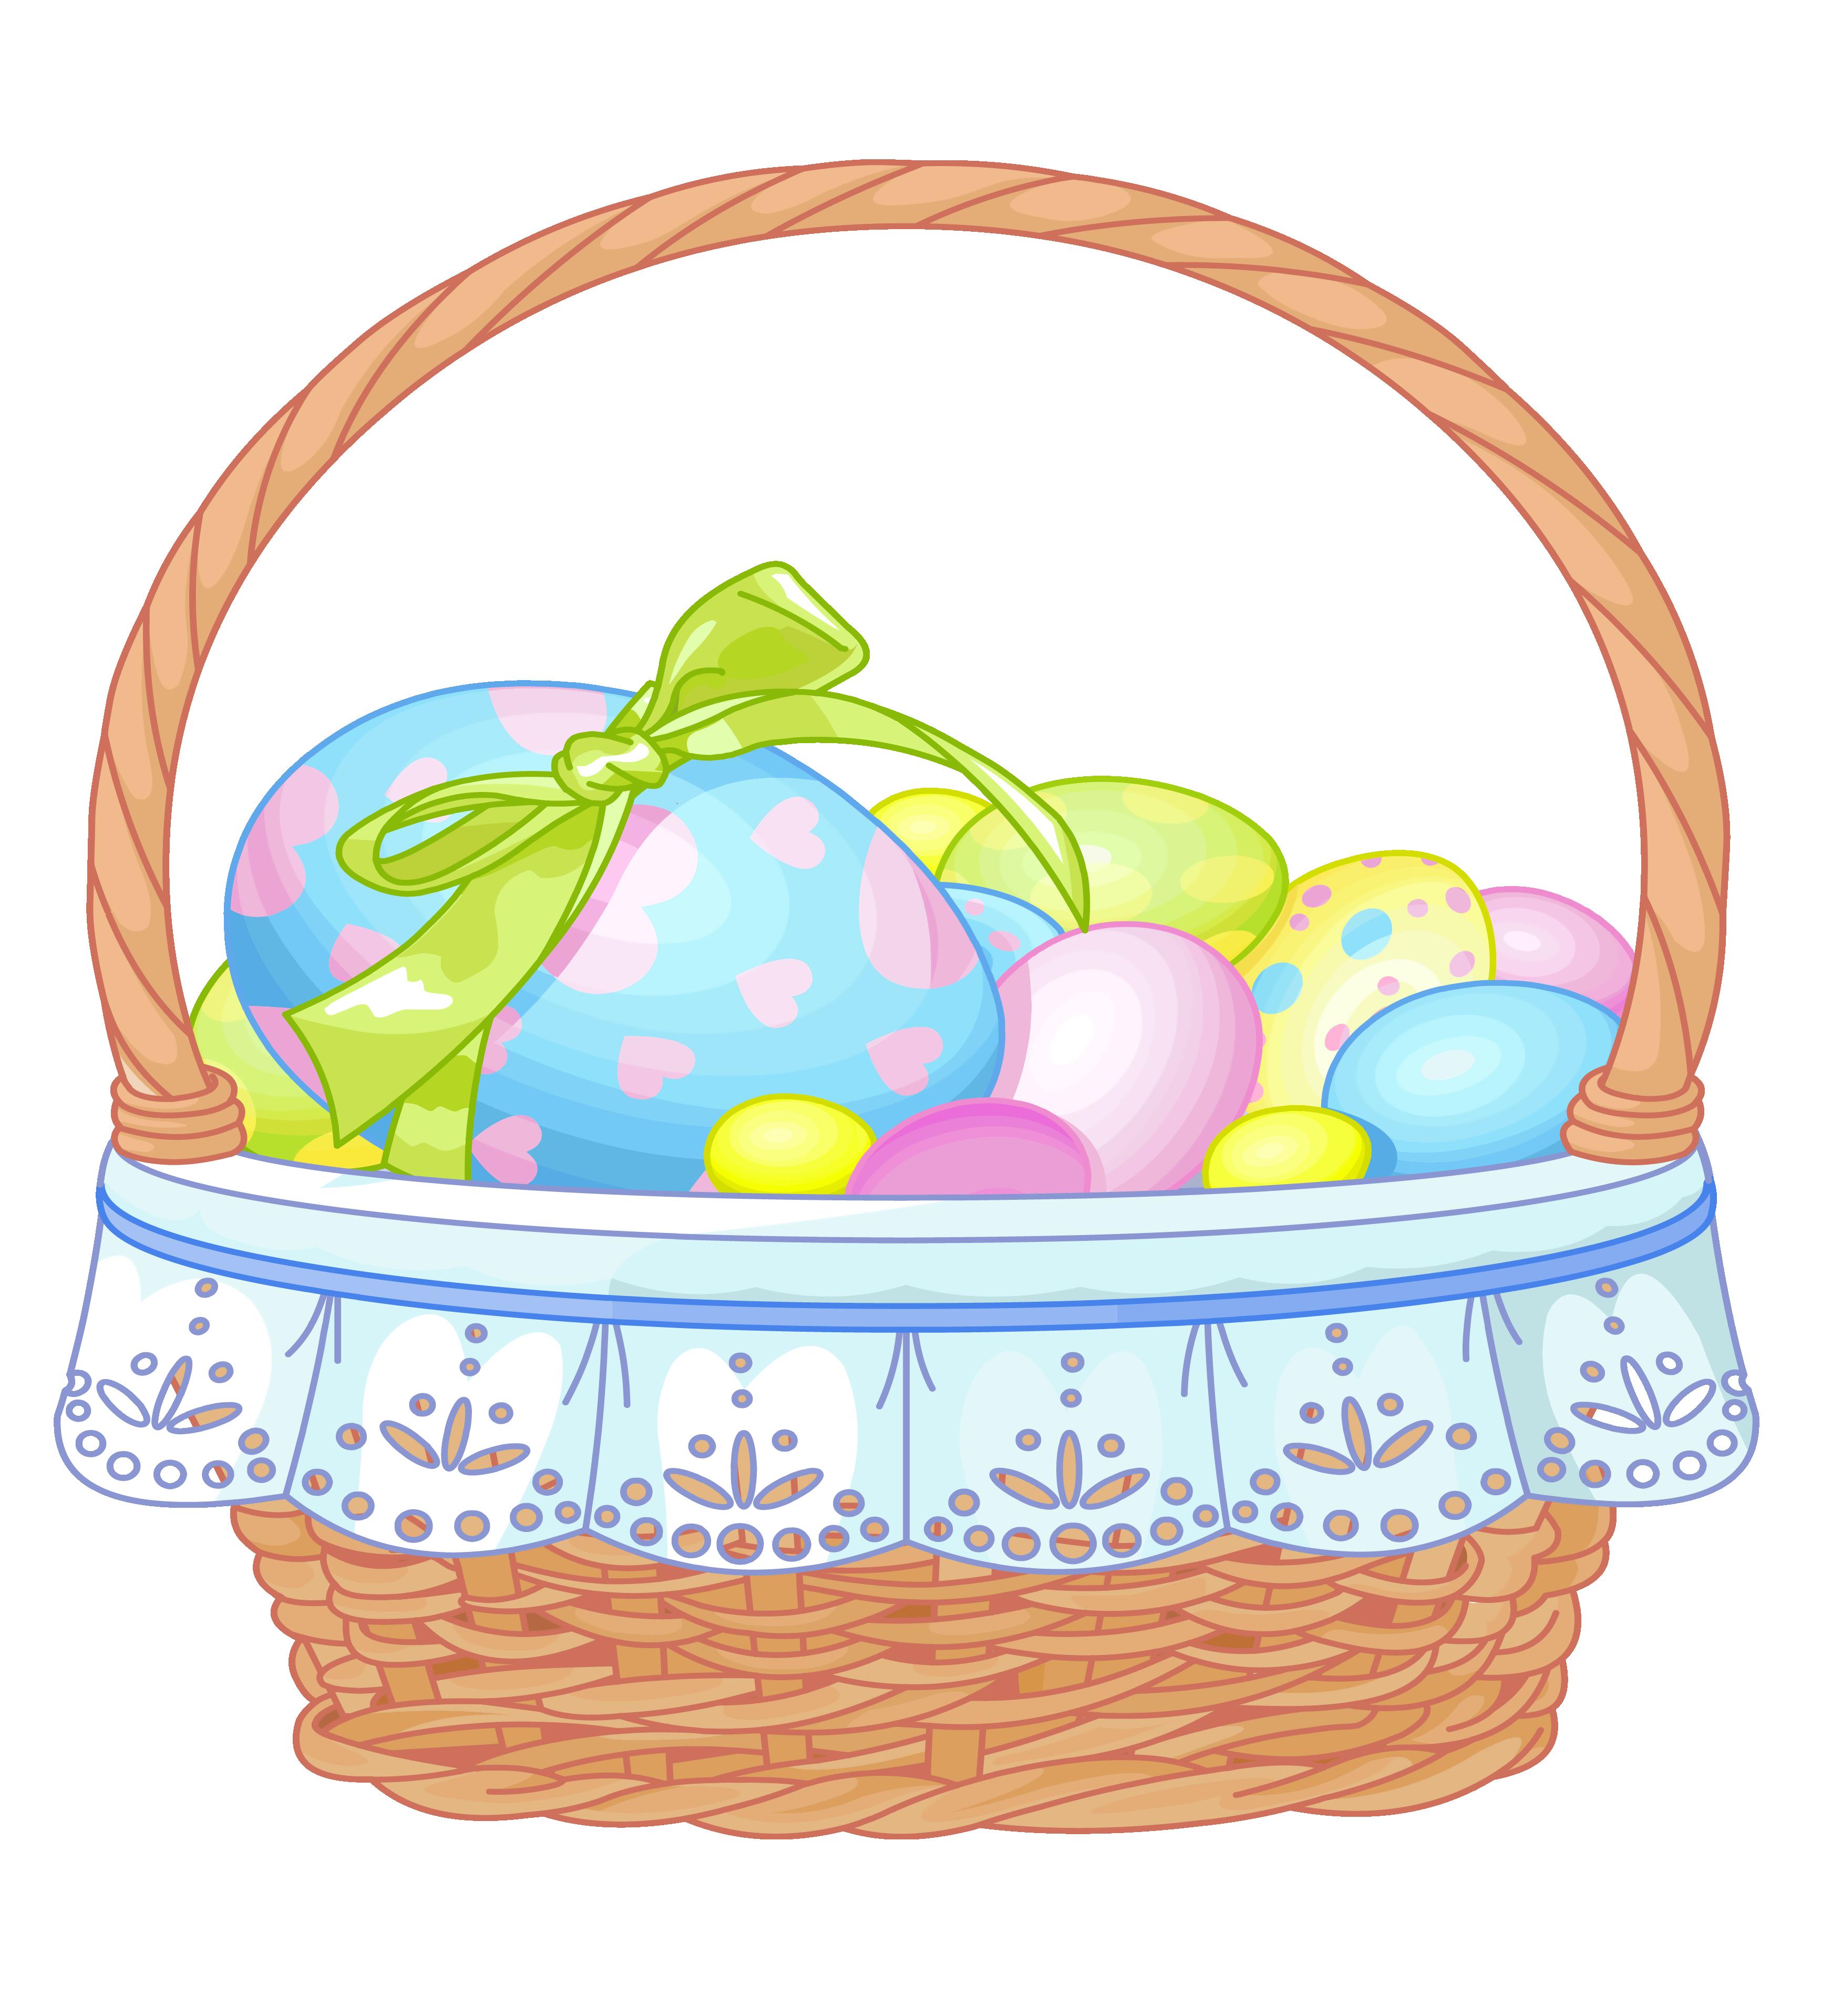 3467x3836 Easter Basket Bunny Png Transparent Easter Basket Bunny.png Images